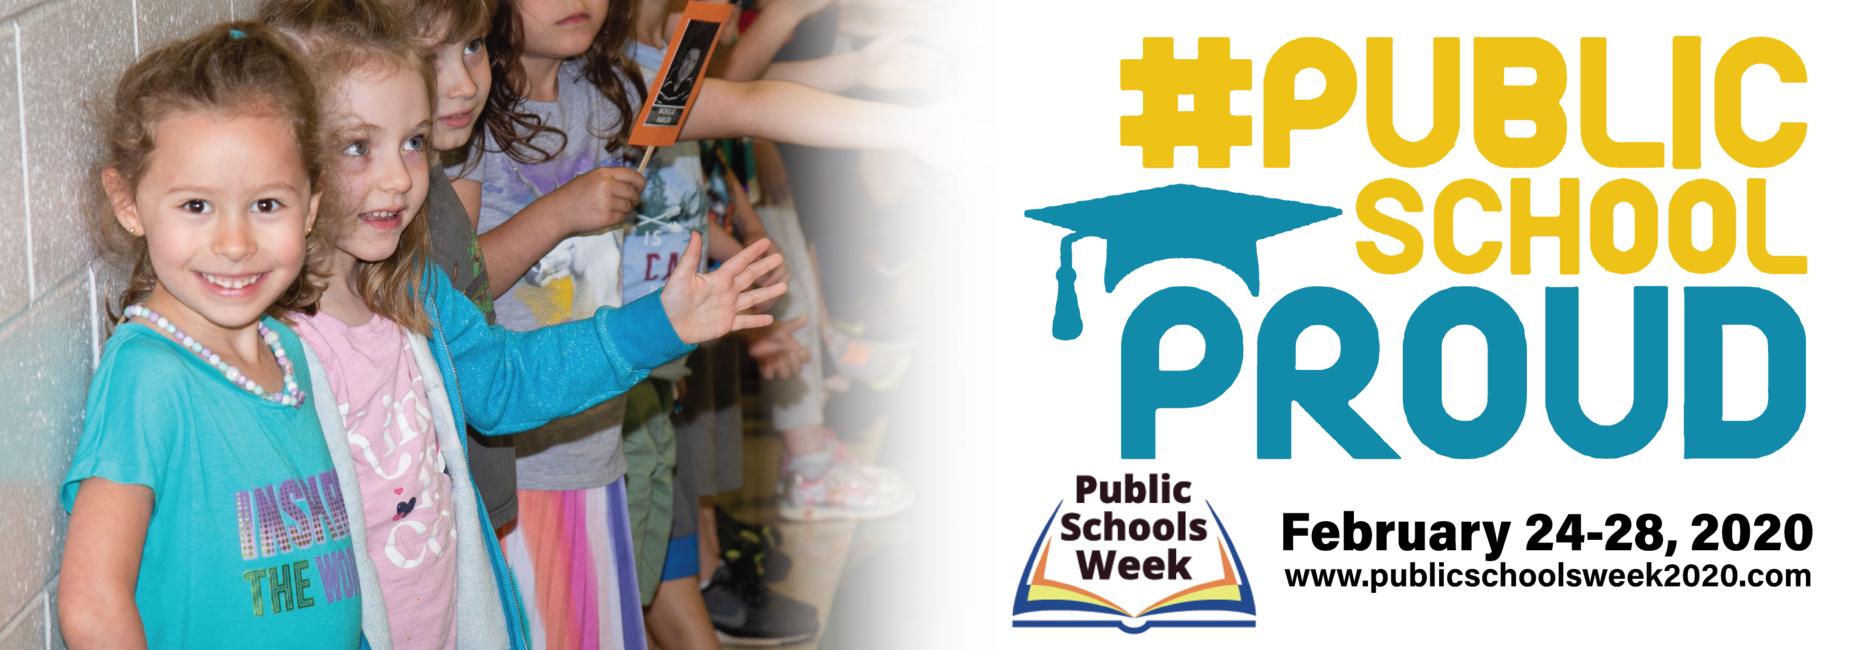 Proud to celebrate Public Schools Week 2020